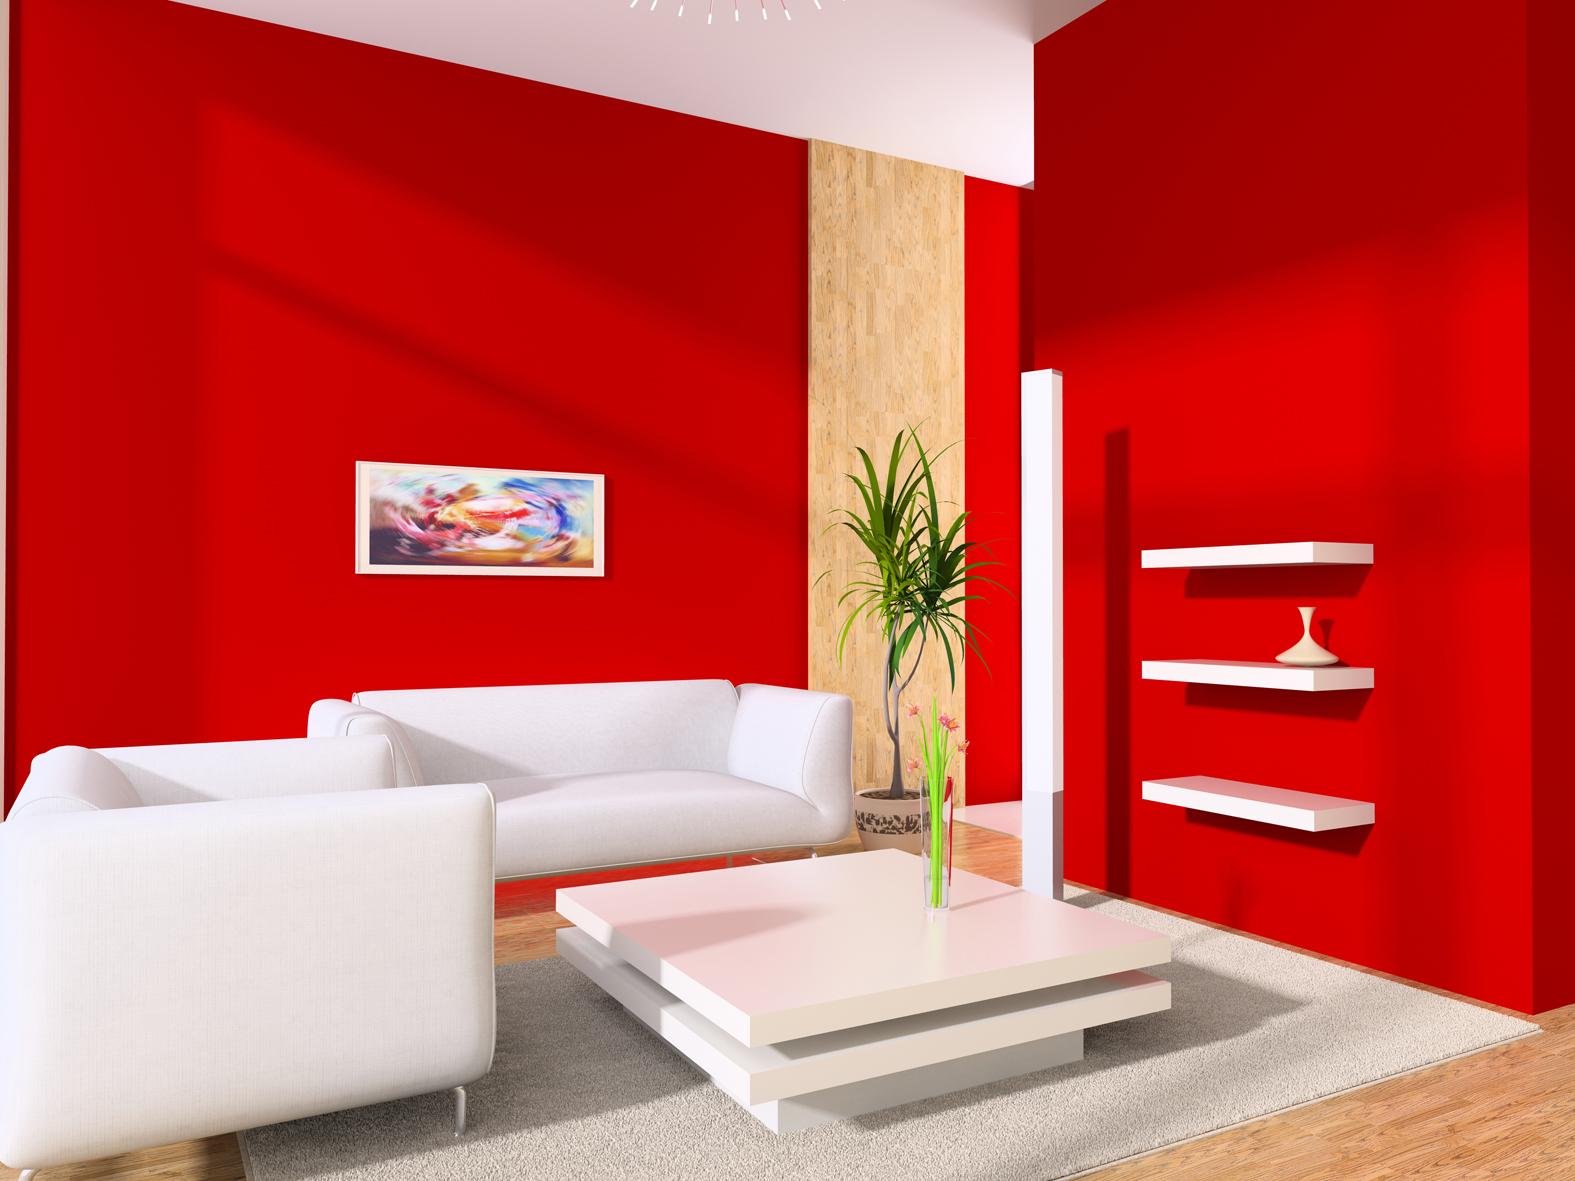 חדר באדום לוהט